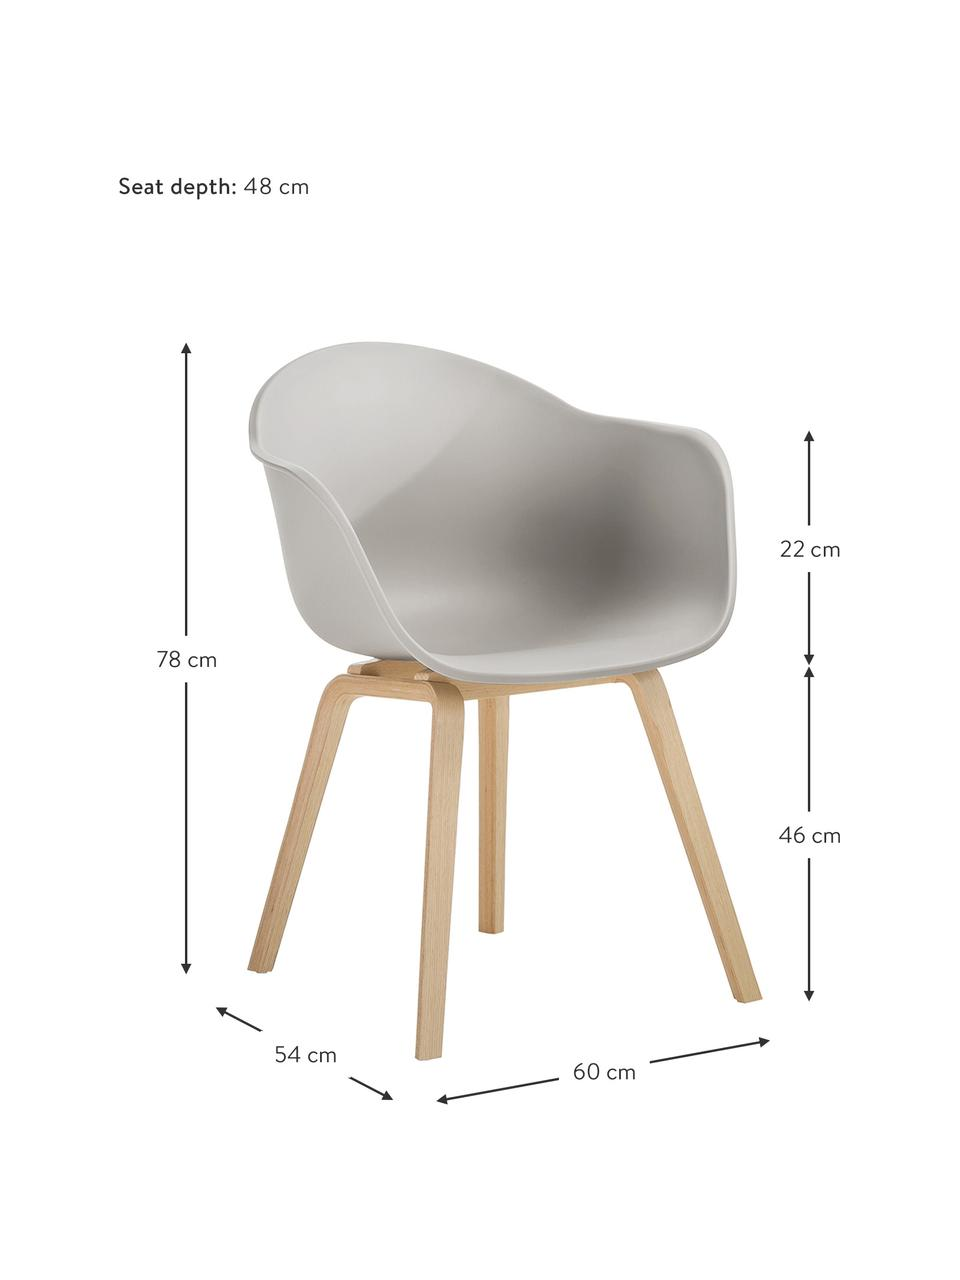 Kunststoff-Armlehnstuhl Claire mit Holzbeinen, Sitzschale: Kunststoff, Beine: Buchenholz, Beigegrau, B 60 x T 54 cm